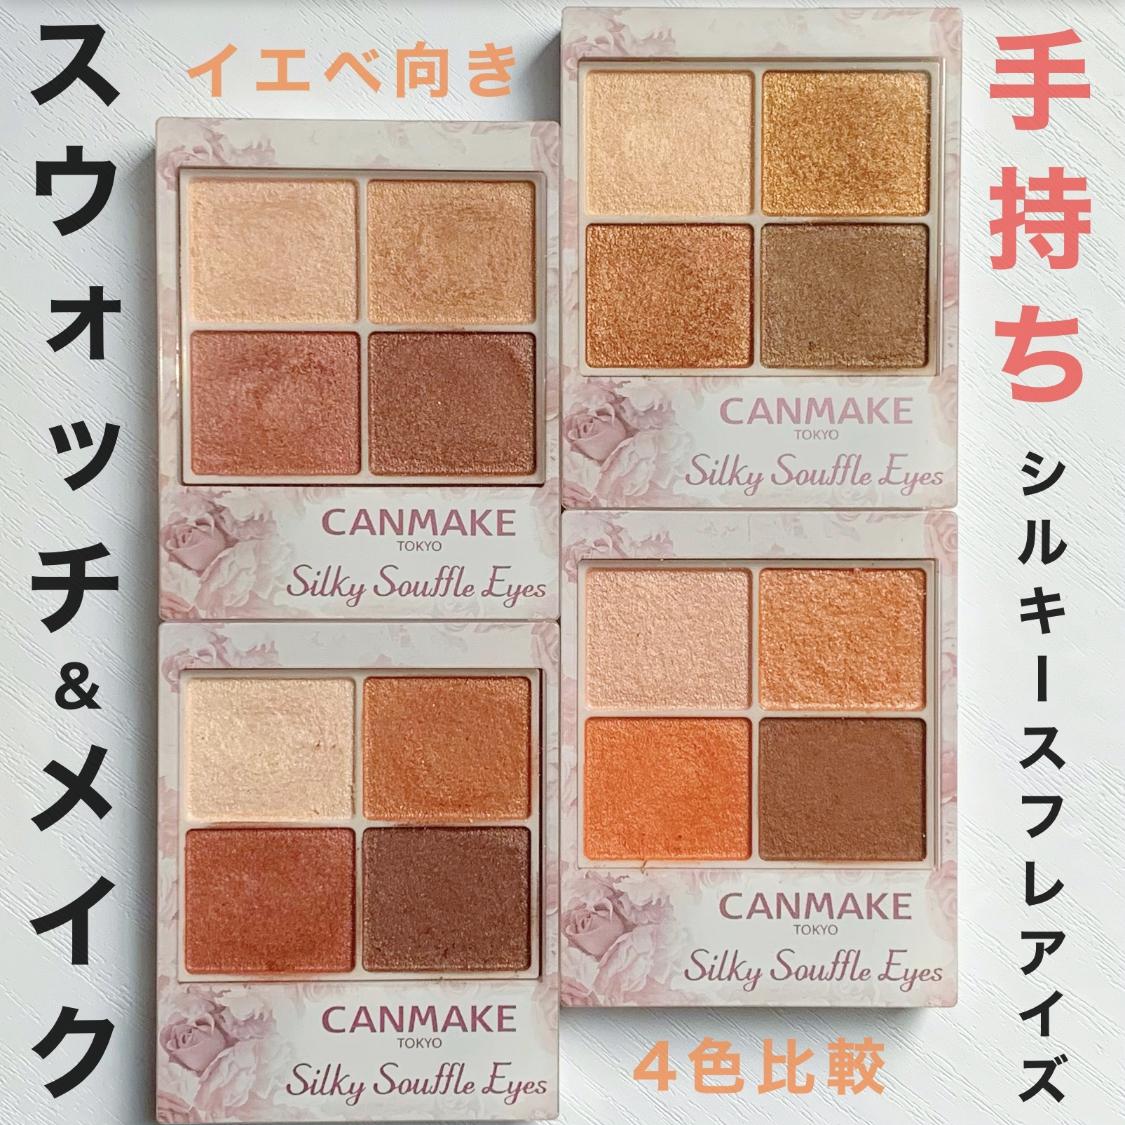 CANMAKE(キャンメイク) シルキースフレアイズを使ったKeiさんのクチコミ画像1